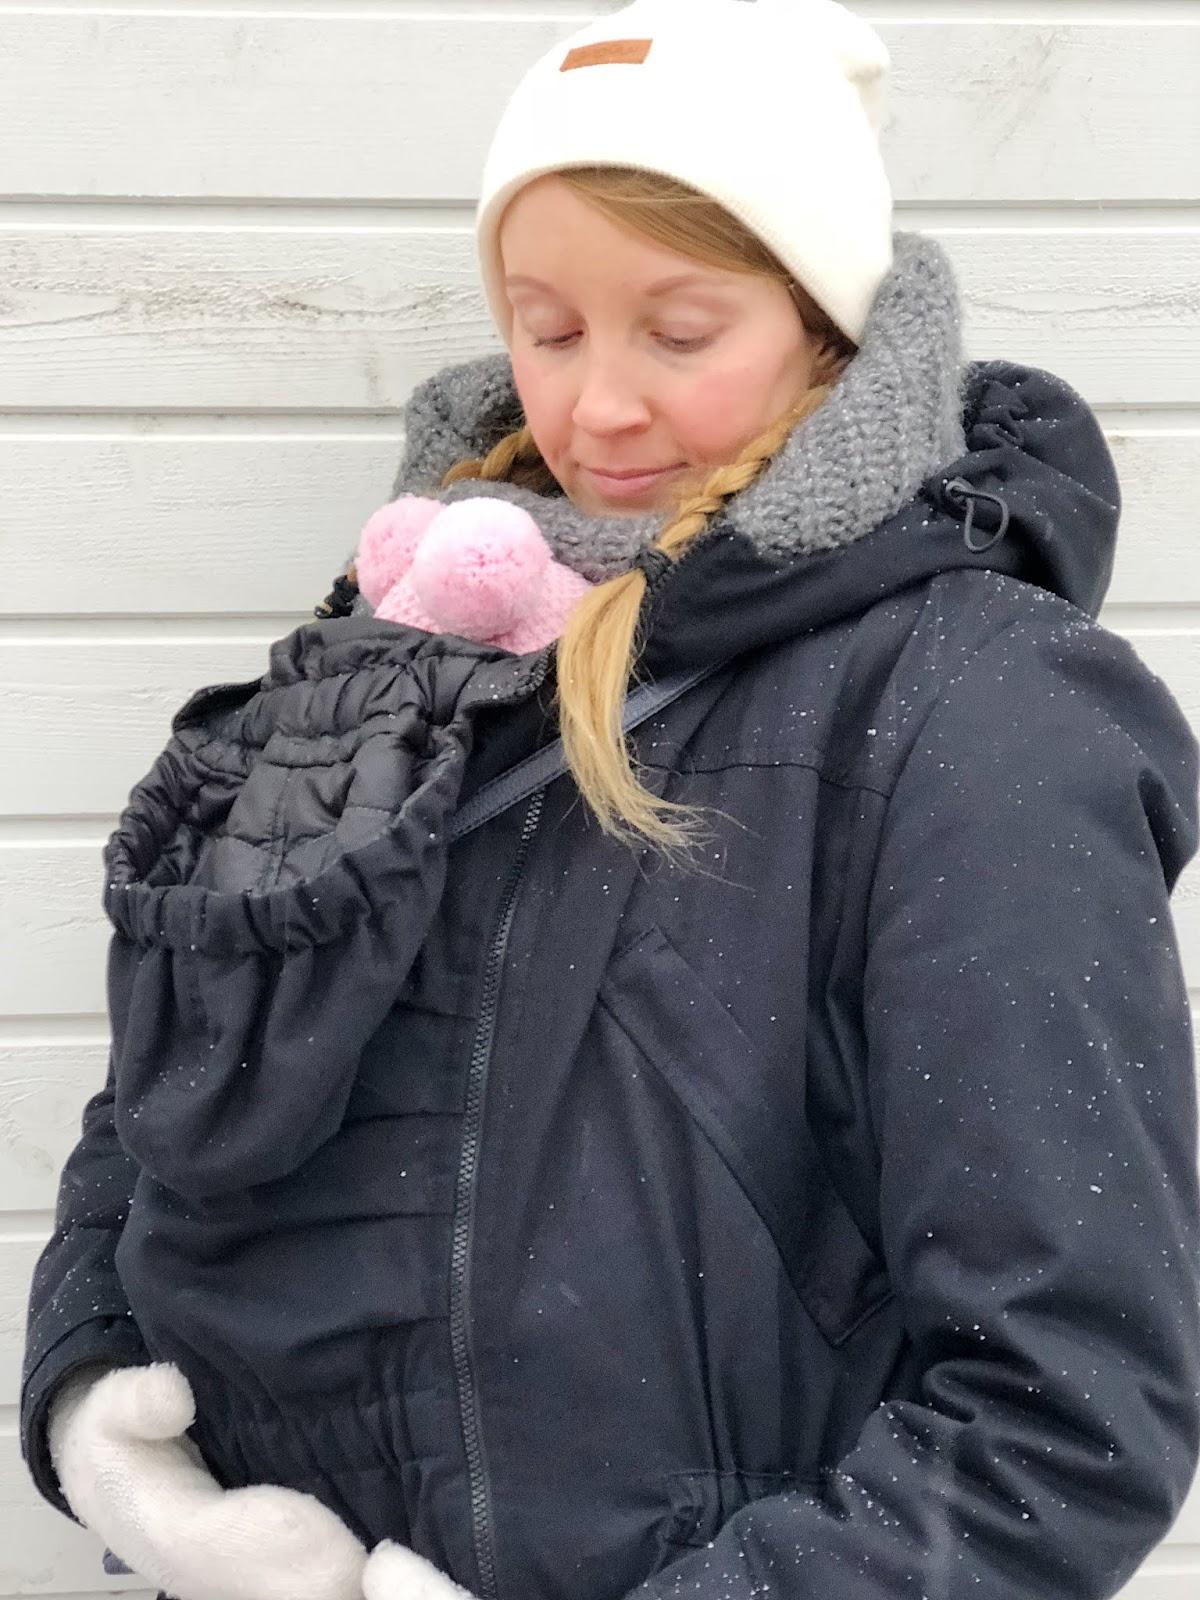 Testissä kantotakki ja vinkit vauvan kantamiseen talvella